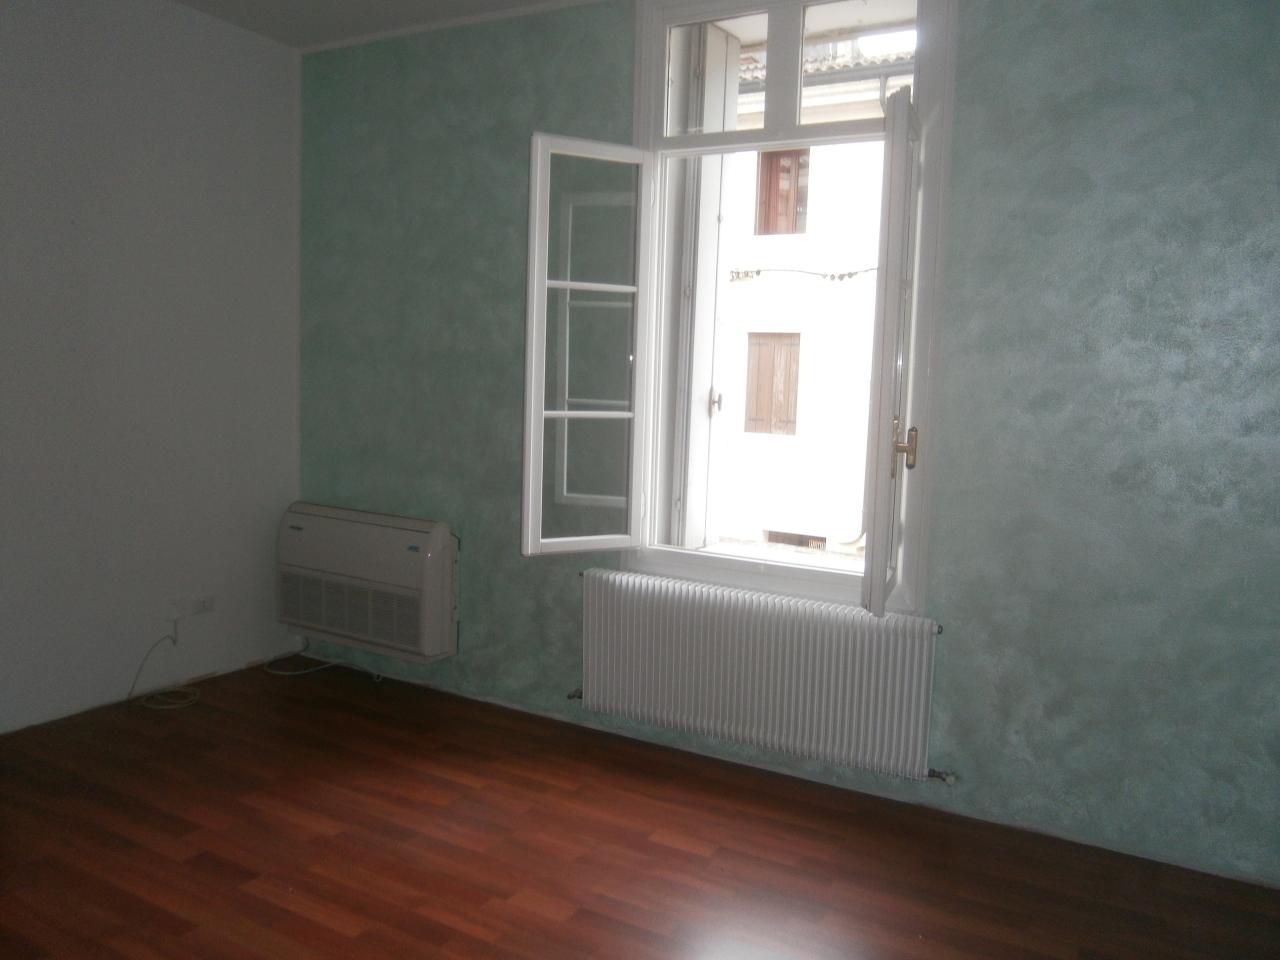 Ufficio / Studio in affitto a Lonigo, 5 locali, prezzo € 600 | Cambio Casa.it